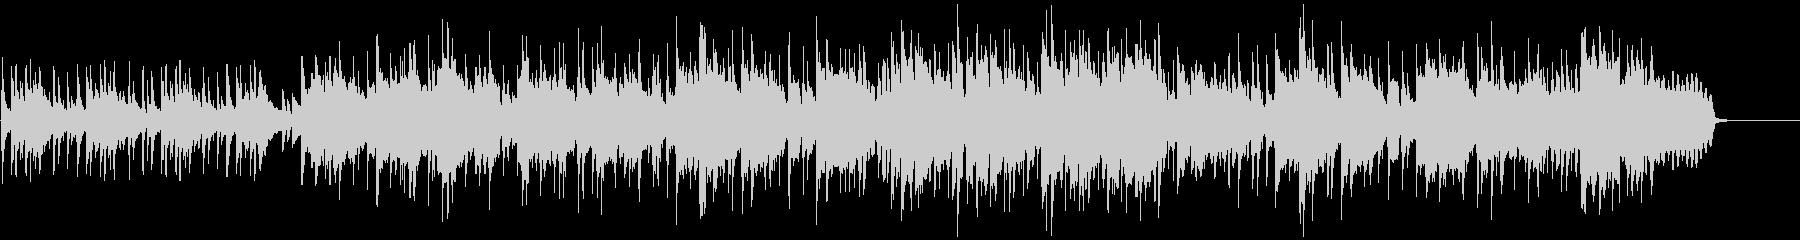 穏やか・爽やかなアコーディオンのボサノバの未再生の波形